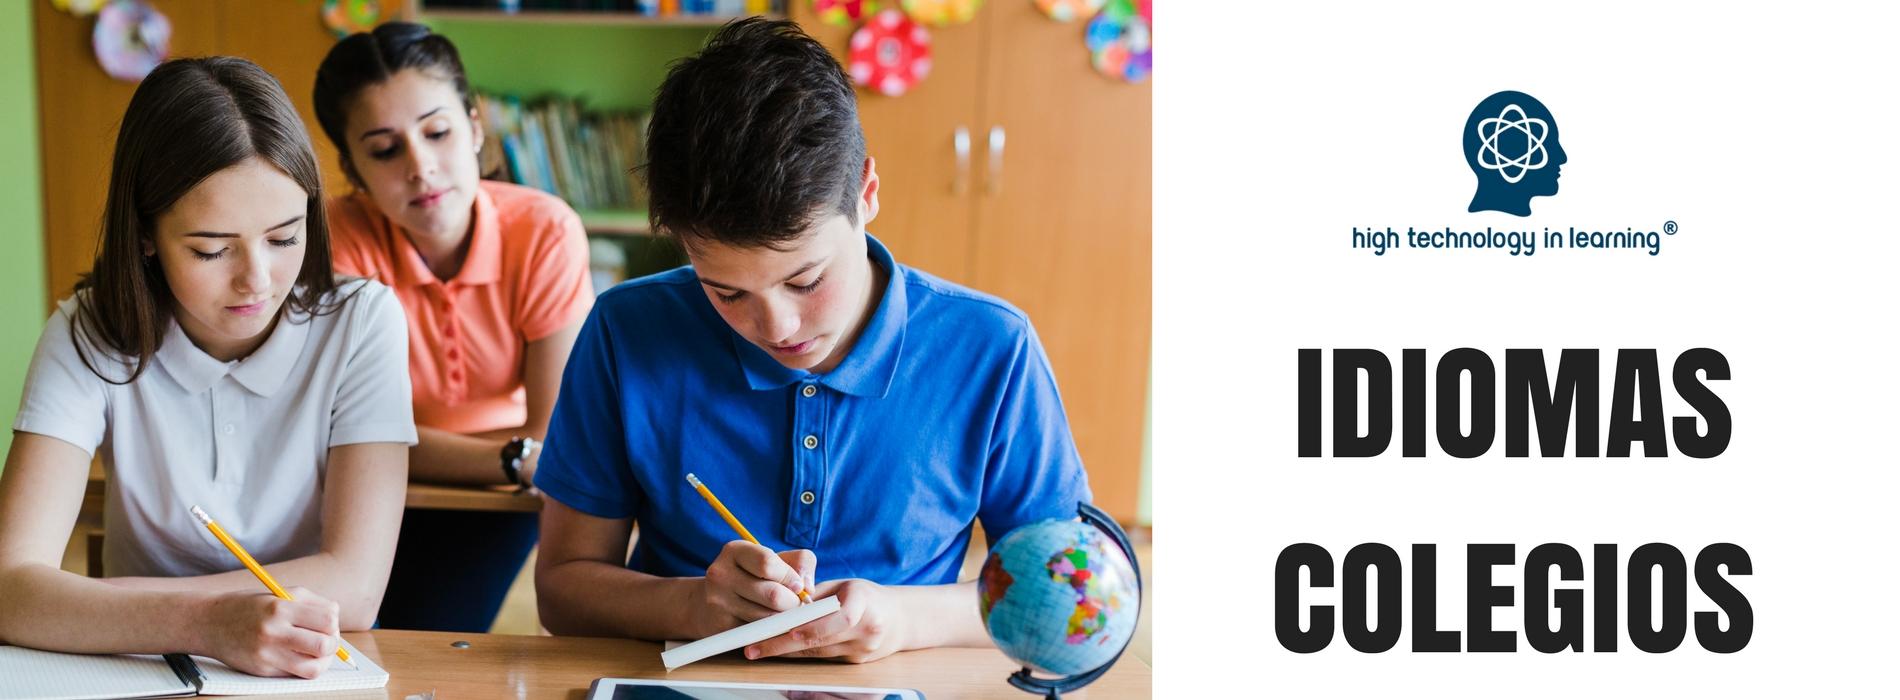 CUrsos de idiomas para colegios